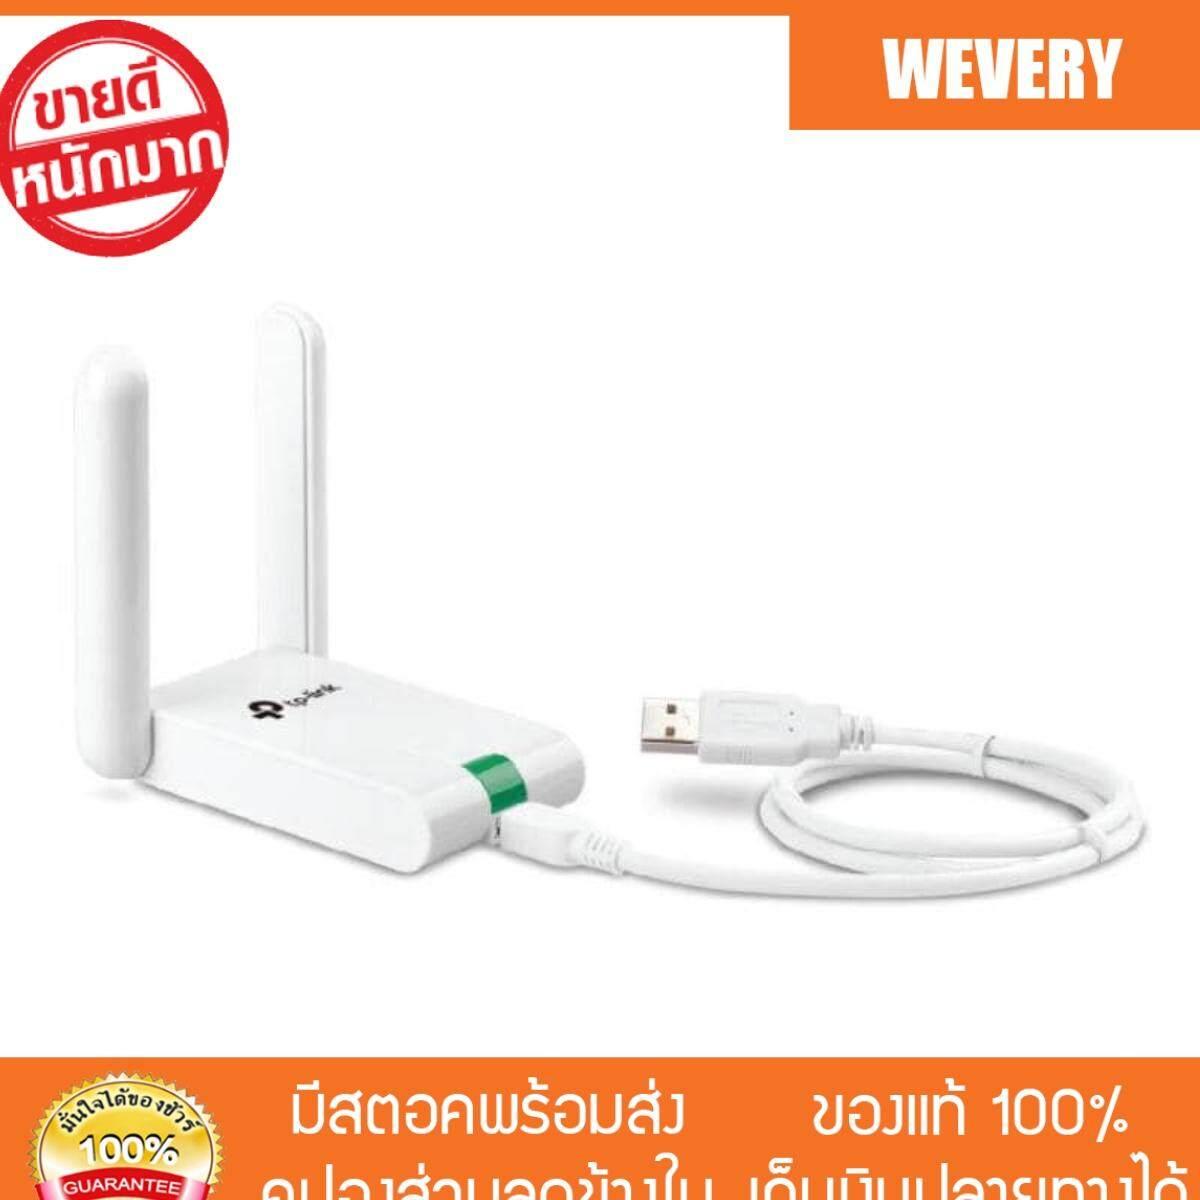 สุดยอดสินค้า!! [Wevery] TP-Link TL-WN822N อุปกรณ์รับสัญญาณ Wi-Fi (300Mbps High Gain Wireless USB Adapter) ตัวรับสัญญาณ wifi ตัวรับ wifi ส่ง Kerry เก็บปลายทางได้